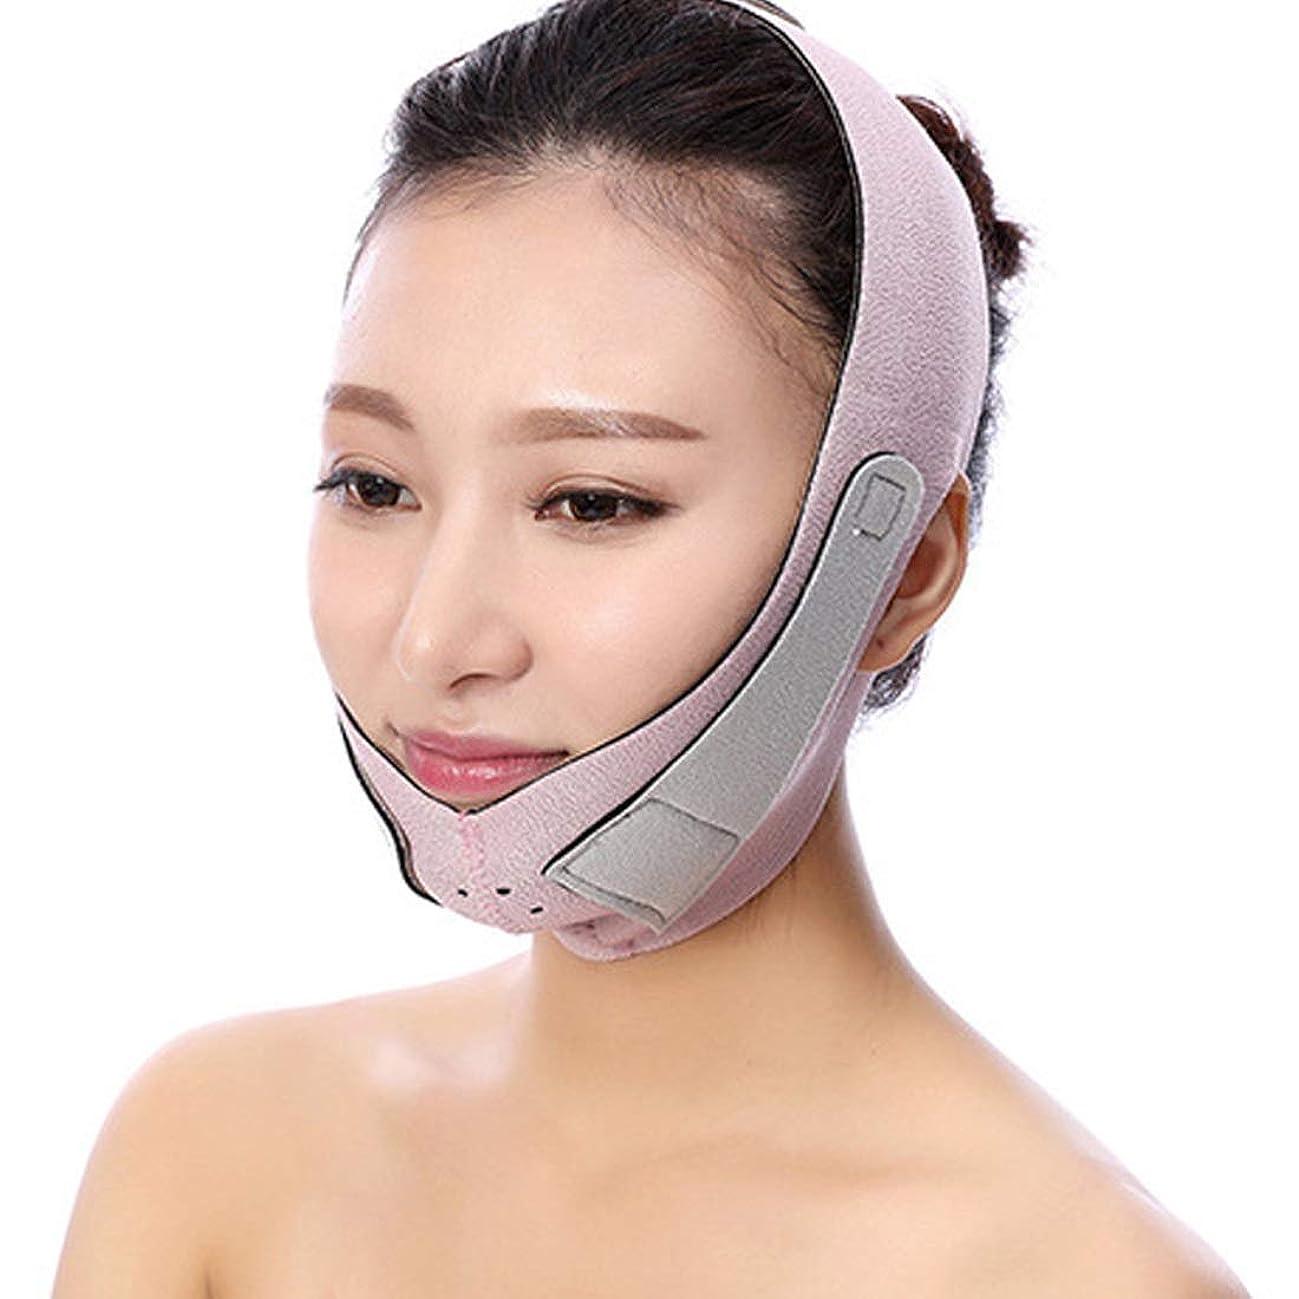 変装ロッジ脅威ZWBD フェイスマスク, フェイスリフティング包帯睡眠フードフェイスリフティング引き締めダブルチンDecreeオレンジパープル (Color : Purple)